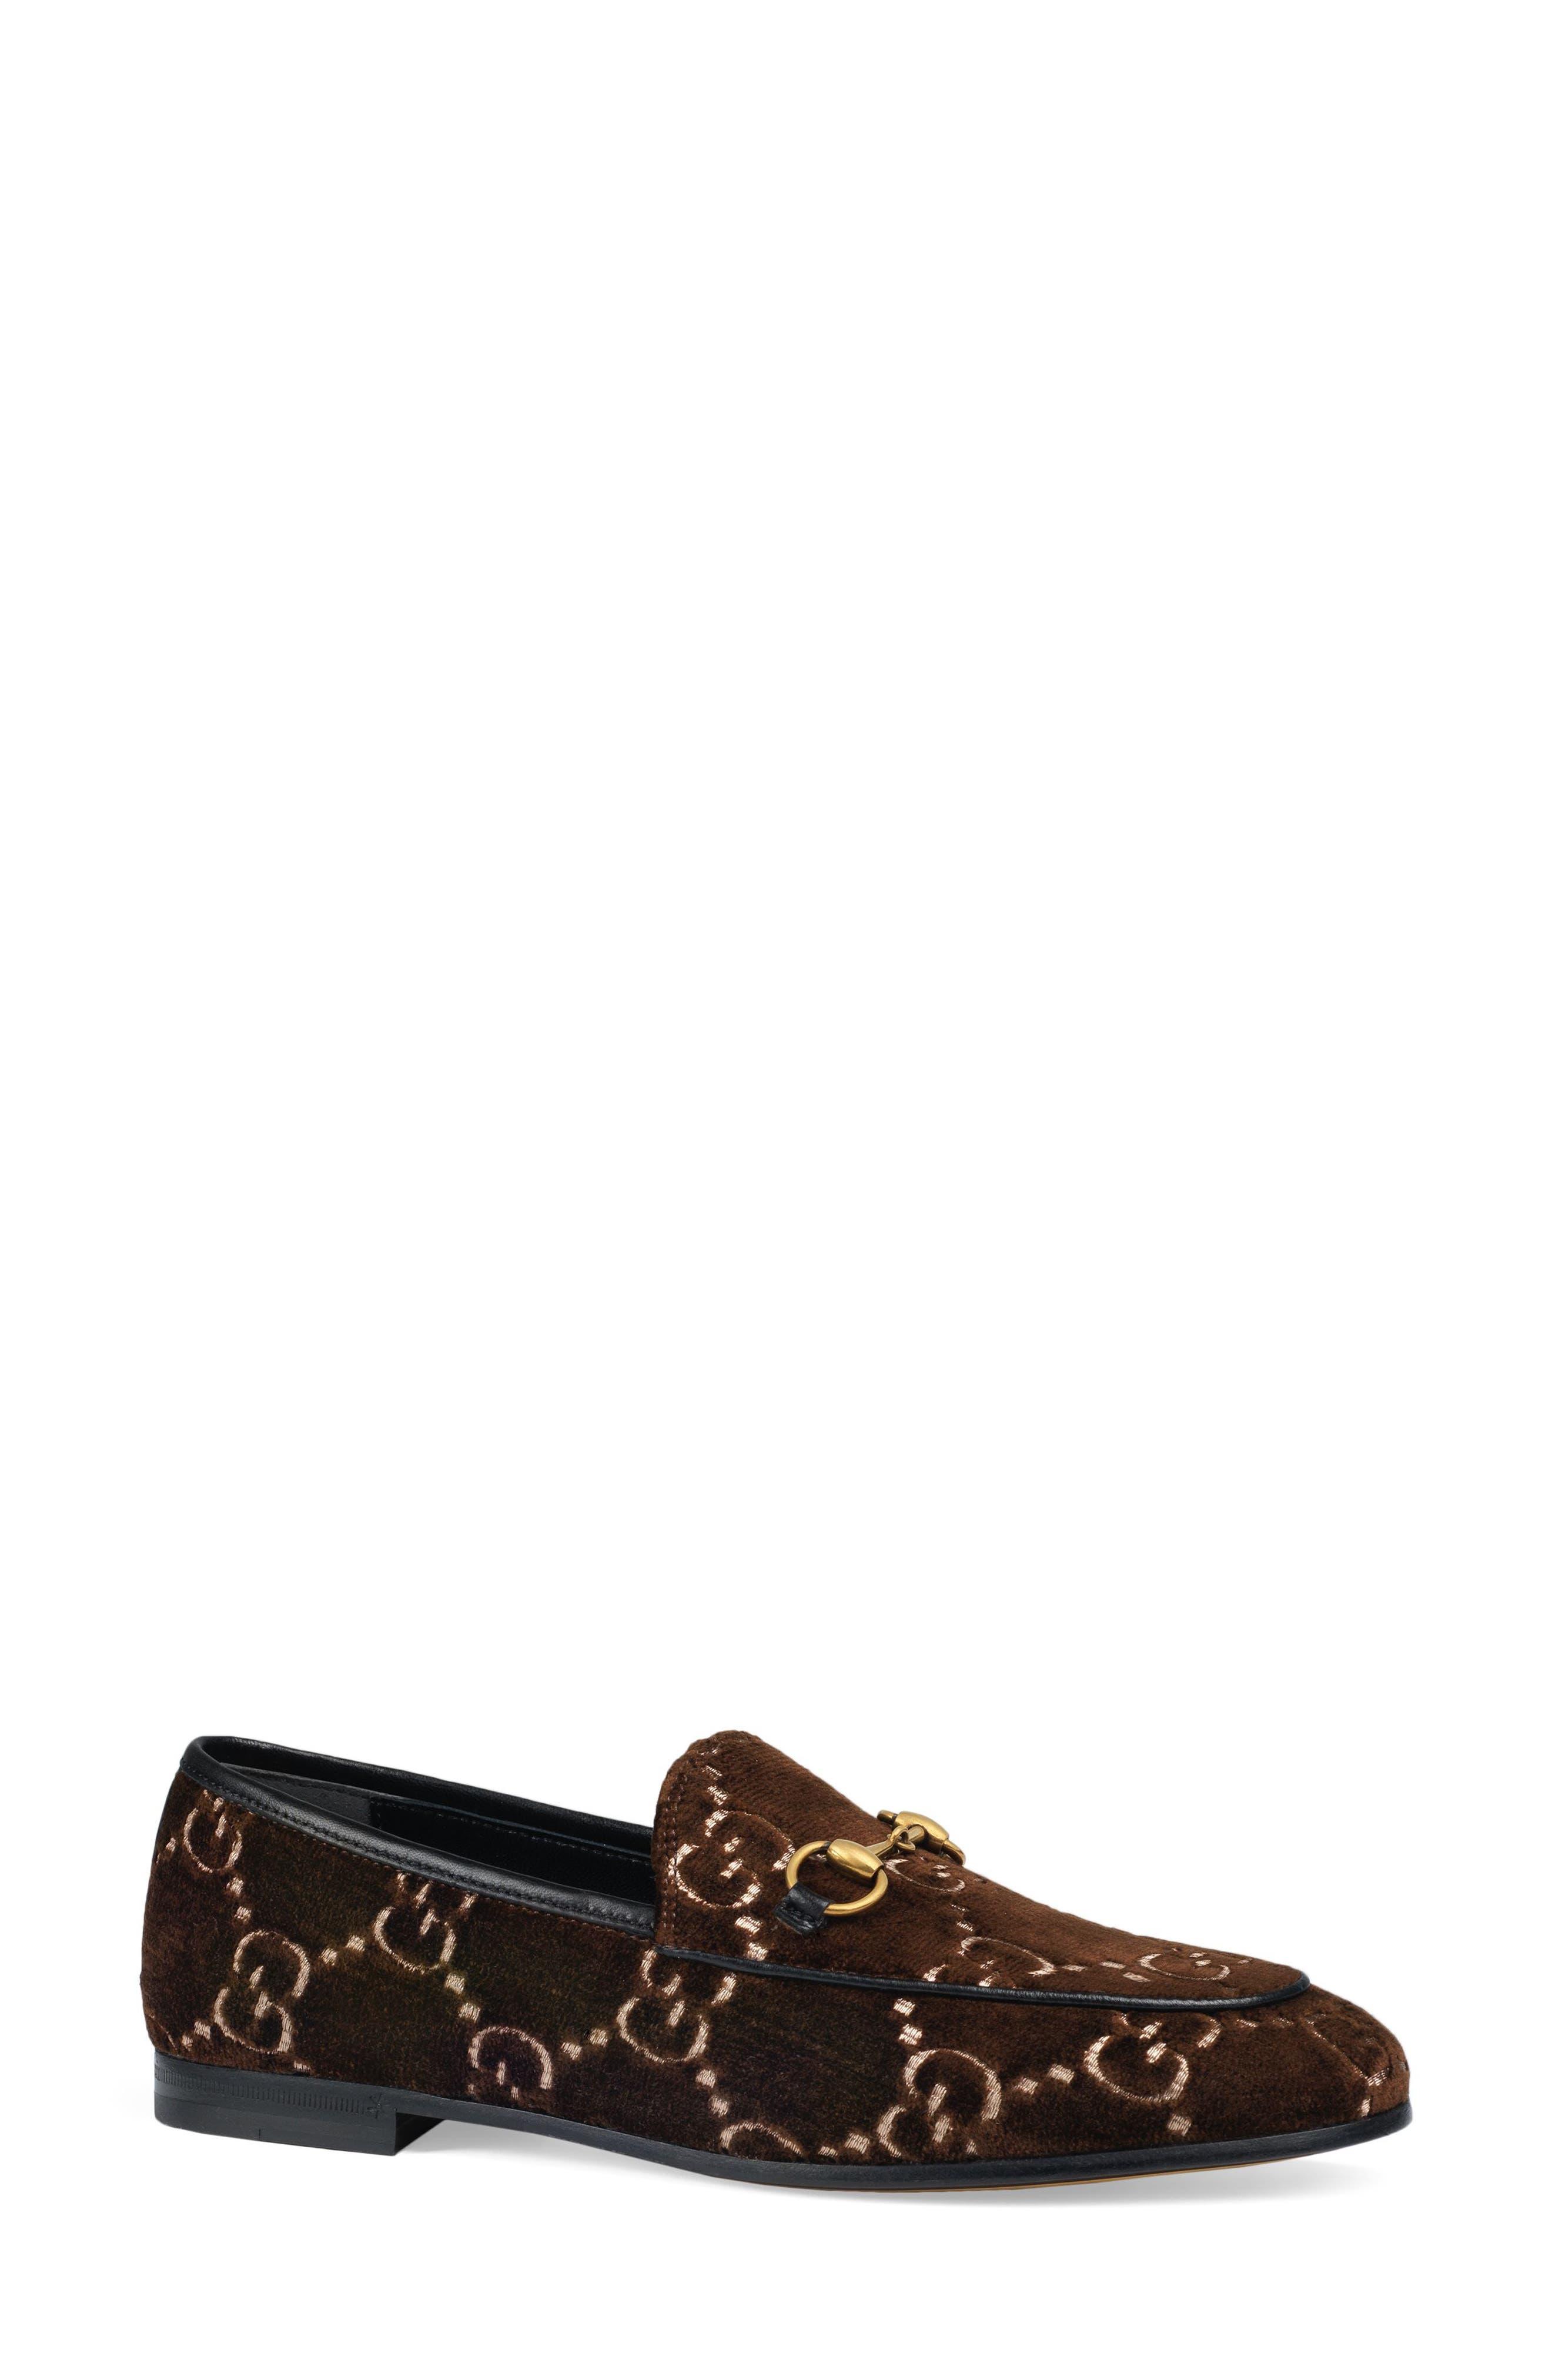 Gucci Jordaan Loafer, Brown